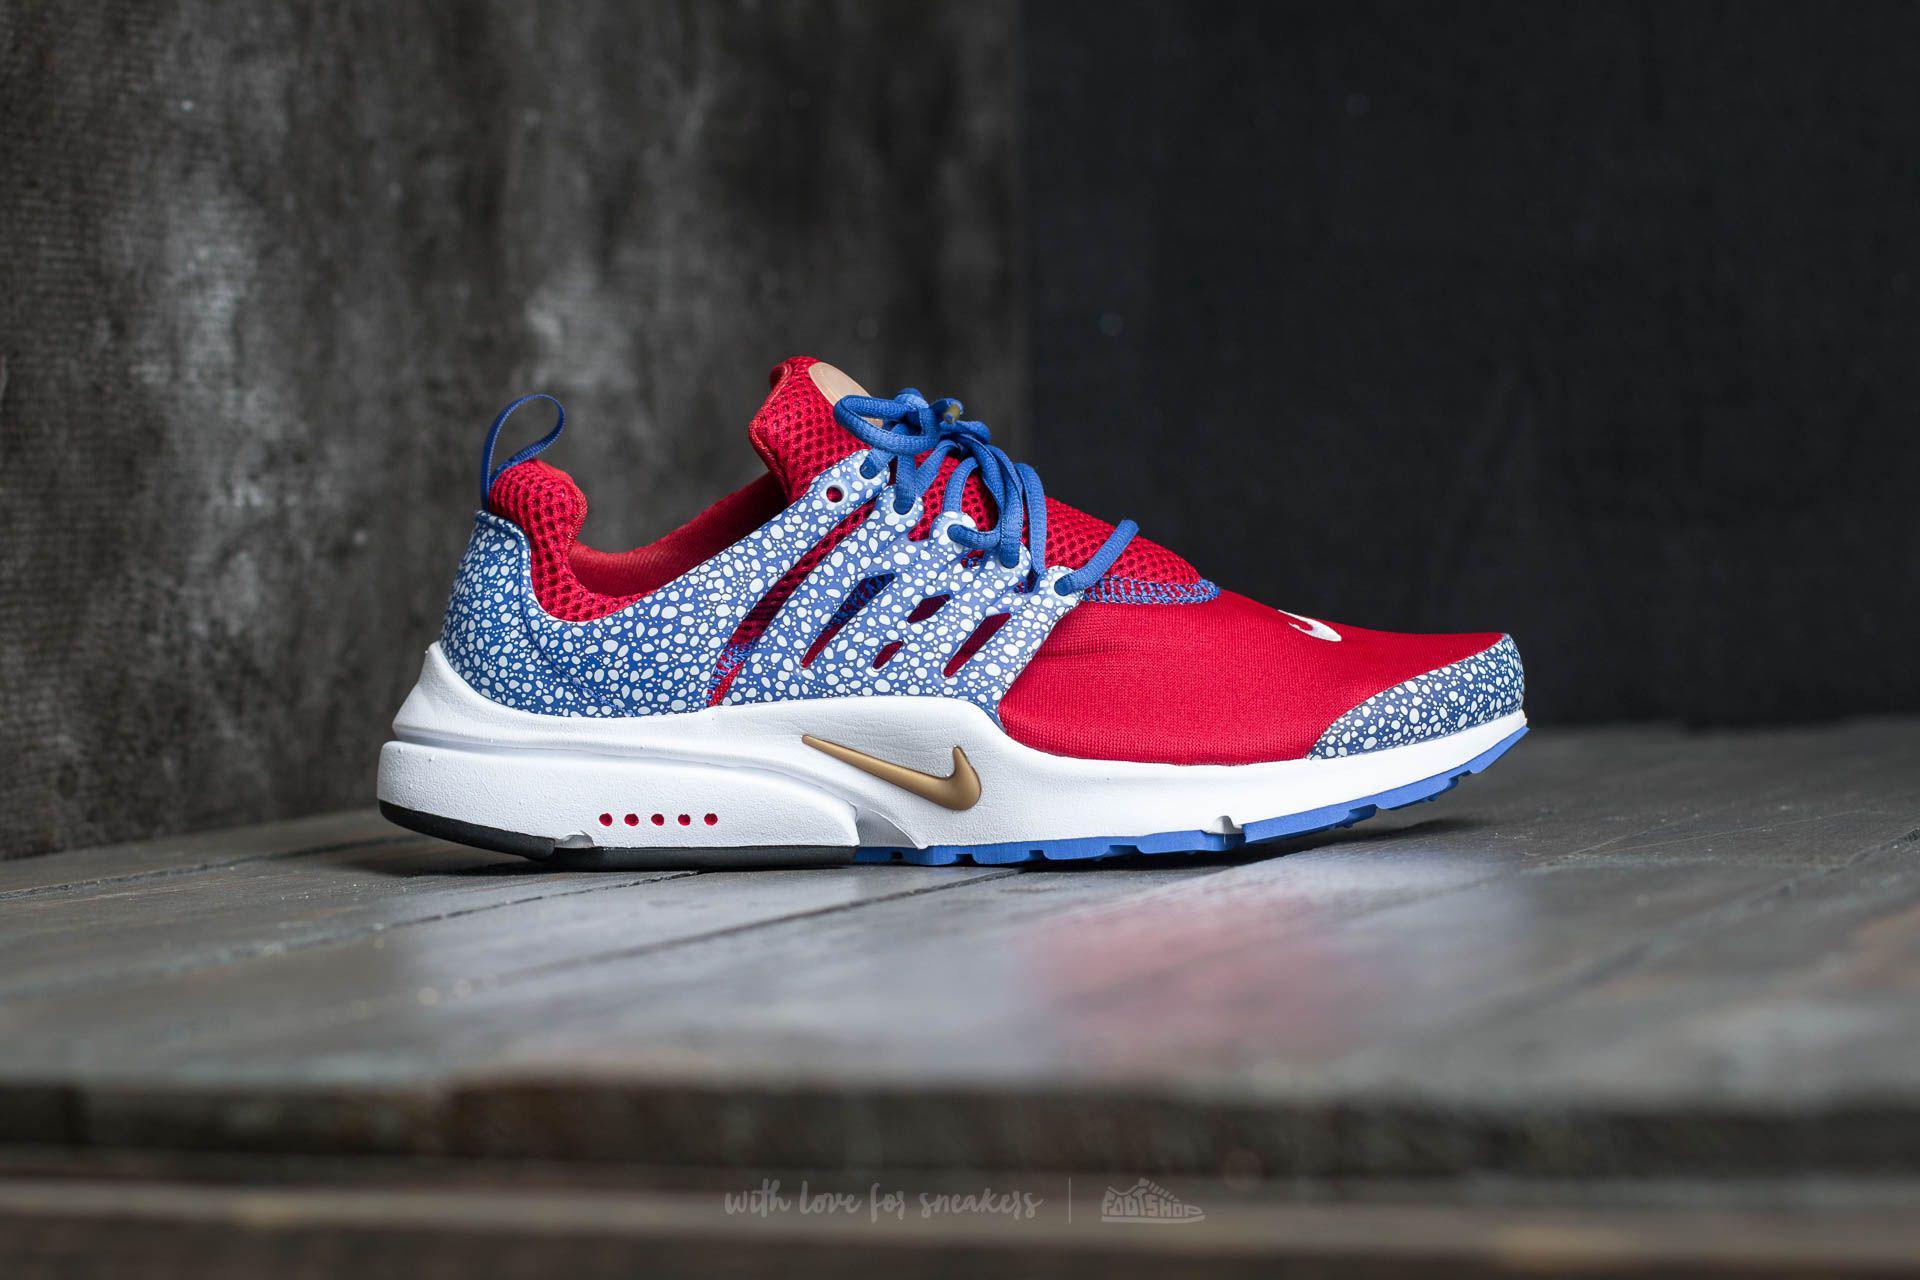 buy online 24ad6 5edd2 Lyst - Nike Air Presto Qs Gym Red  Racer Blue-white for Men